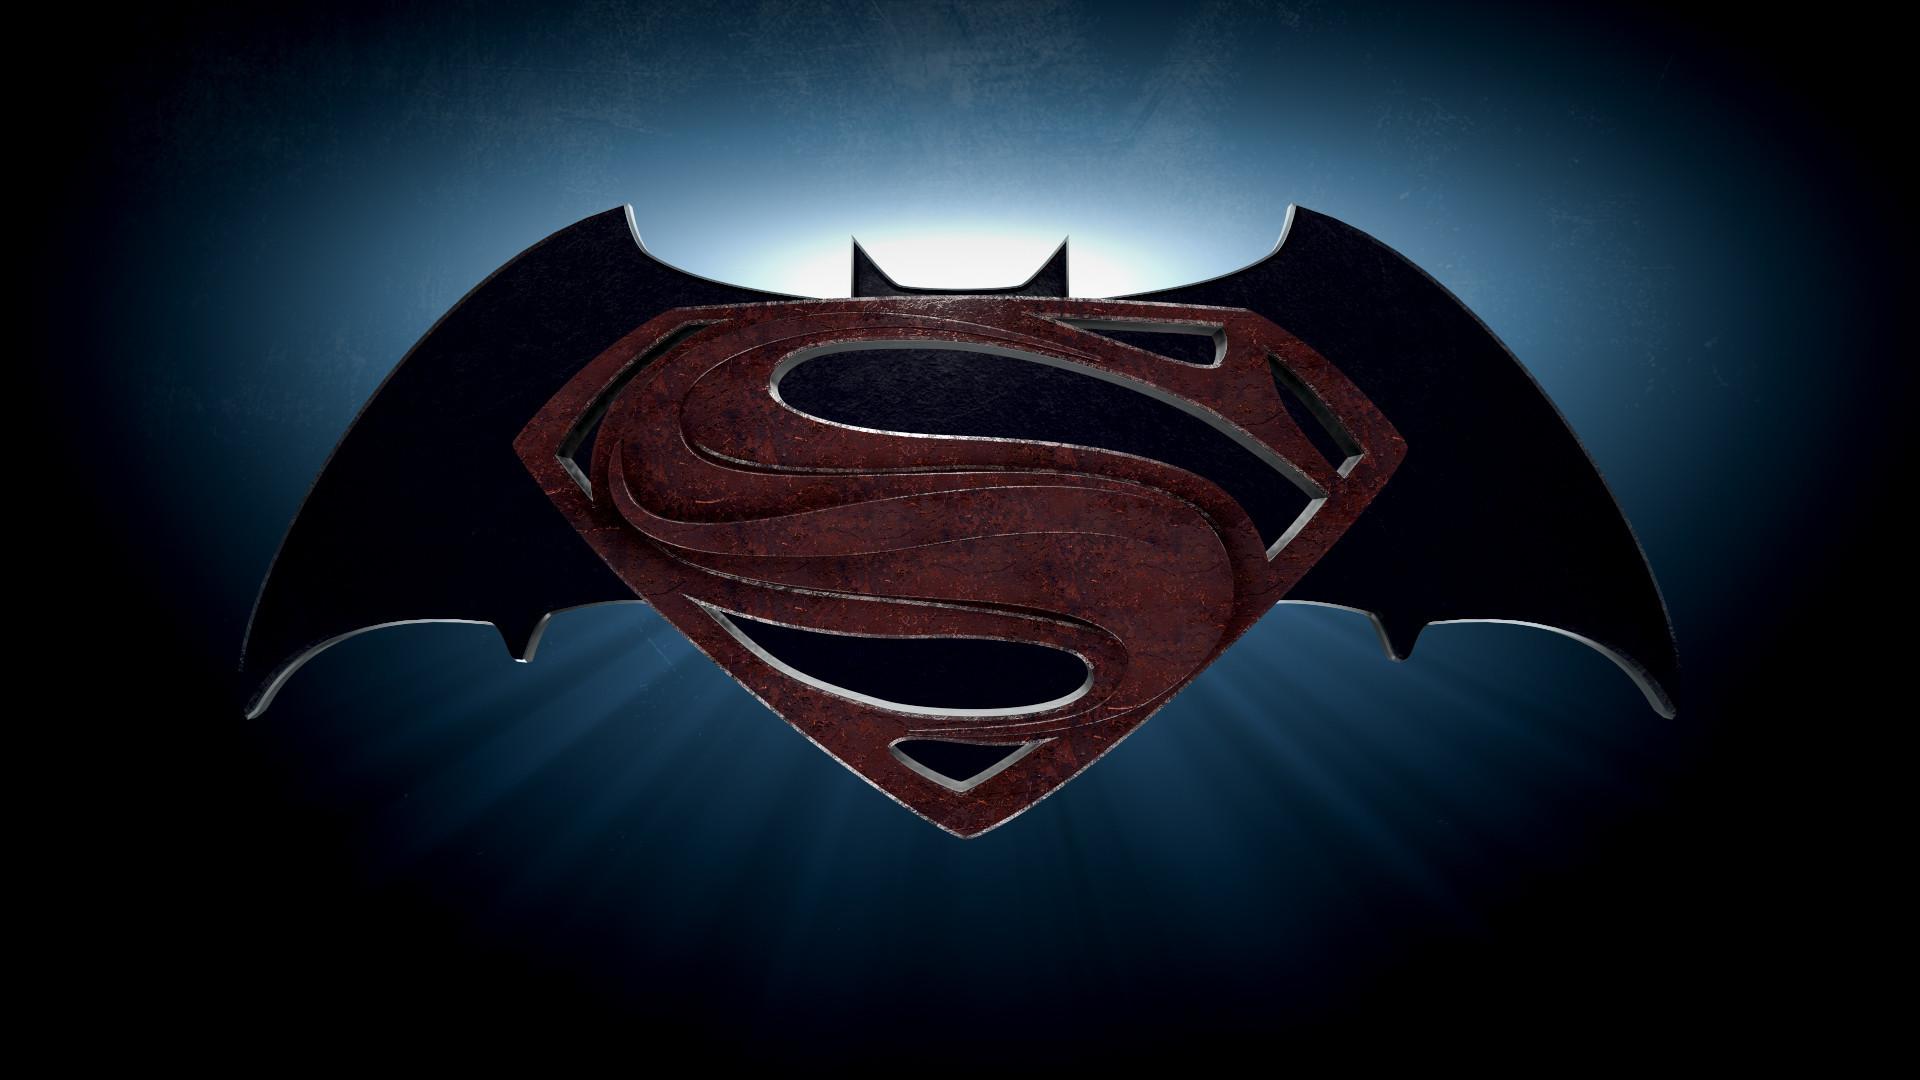 Batman vs Superman Wallpaper HD.